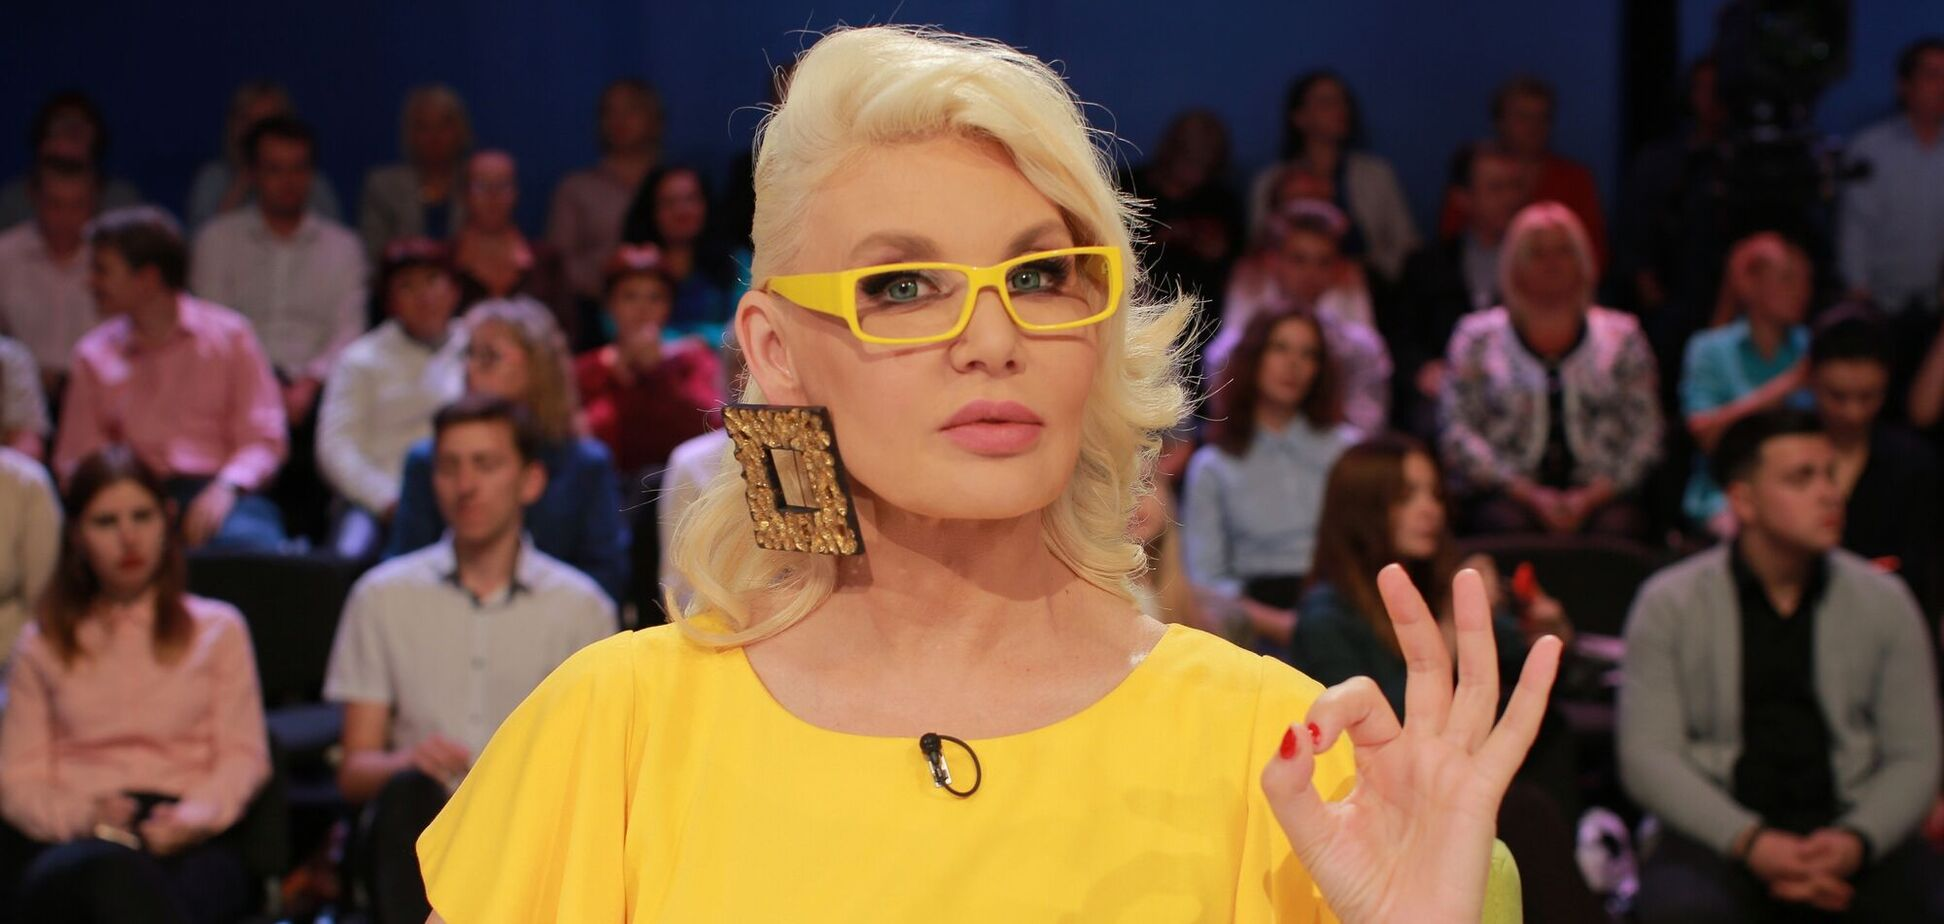 Эпатажная украинская ведущая показала свой роскошный пентхаус с люстрой за 6 тысяч долларов